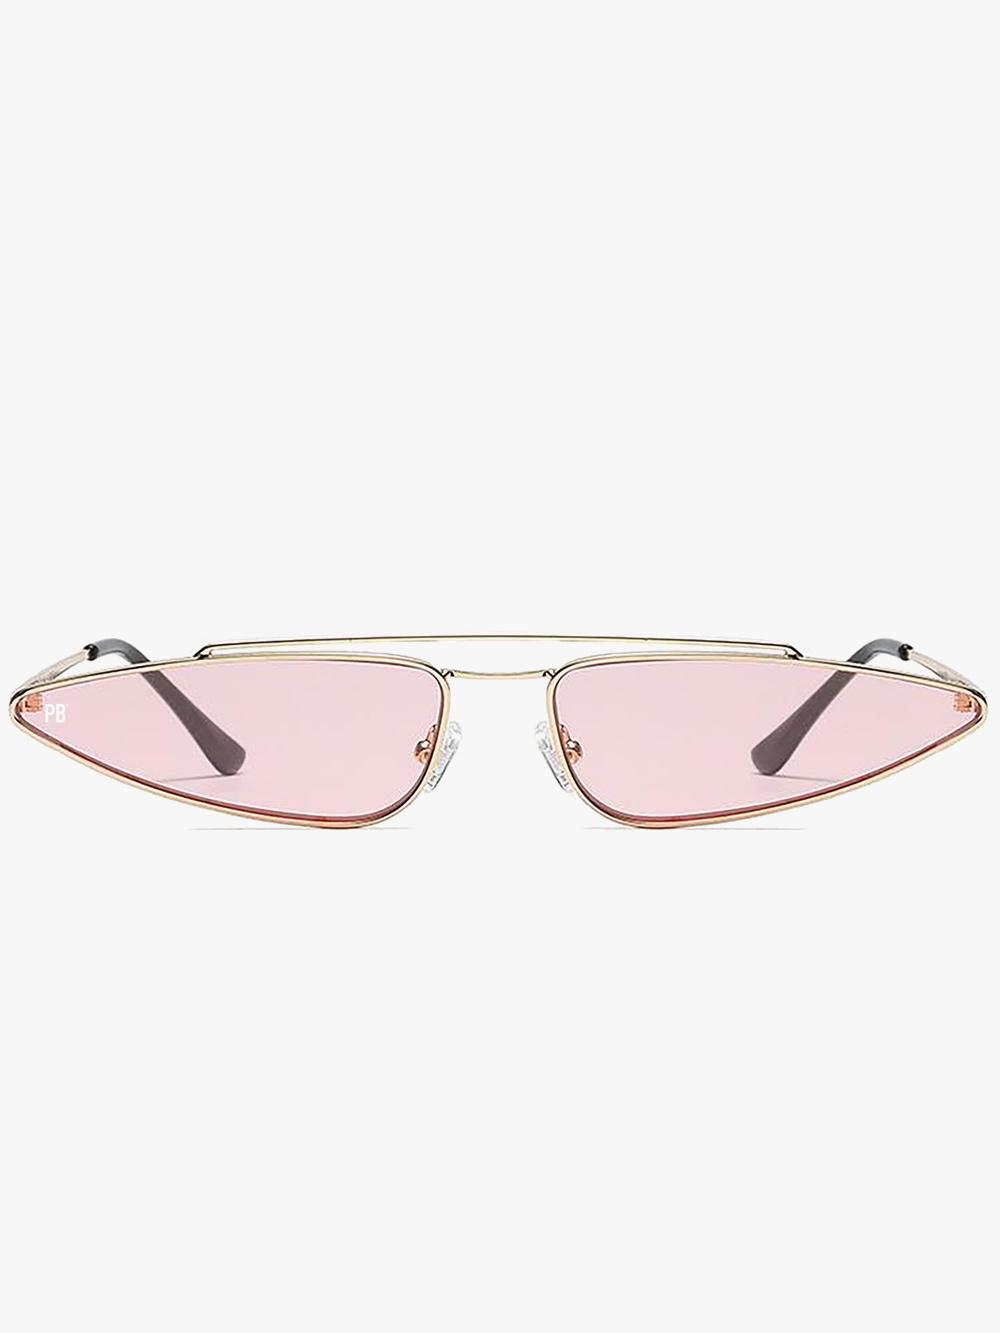 ivy-gold-pink-2-pillenbrillen